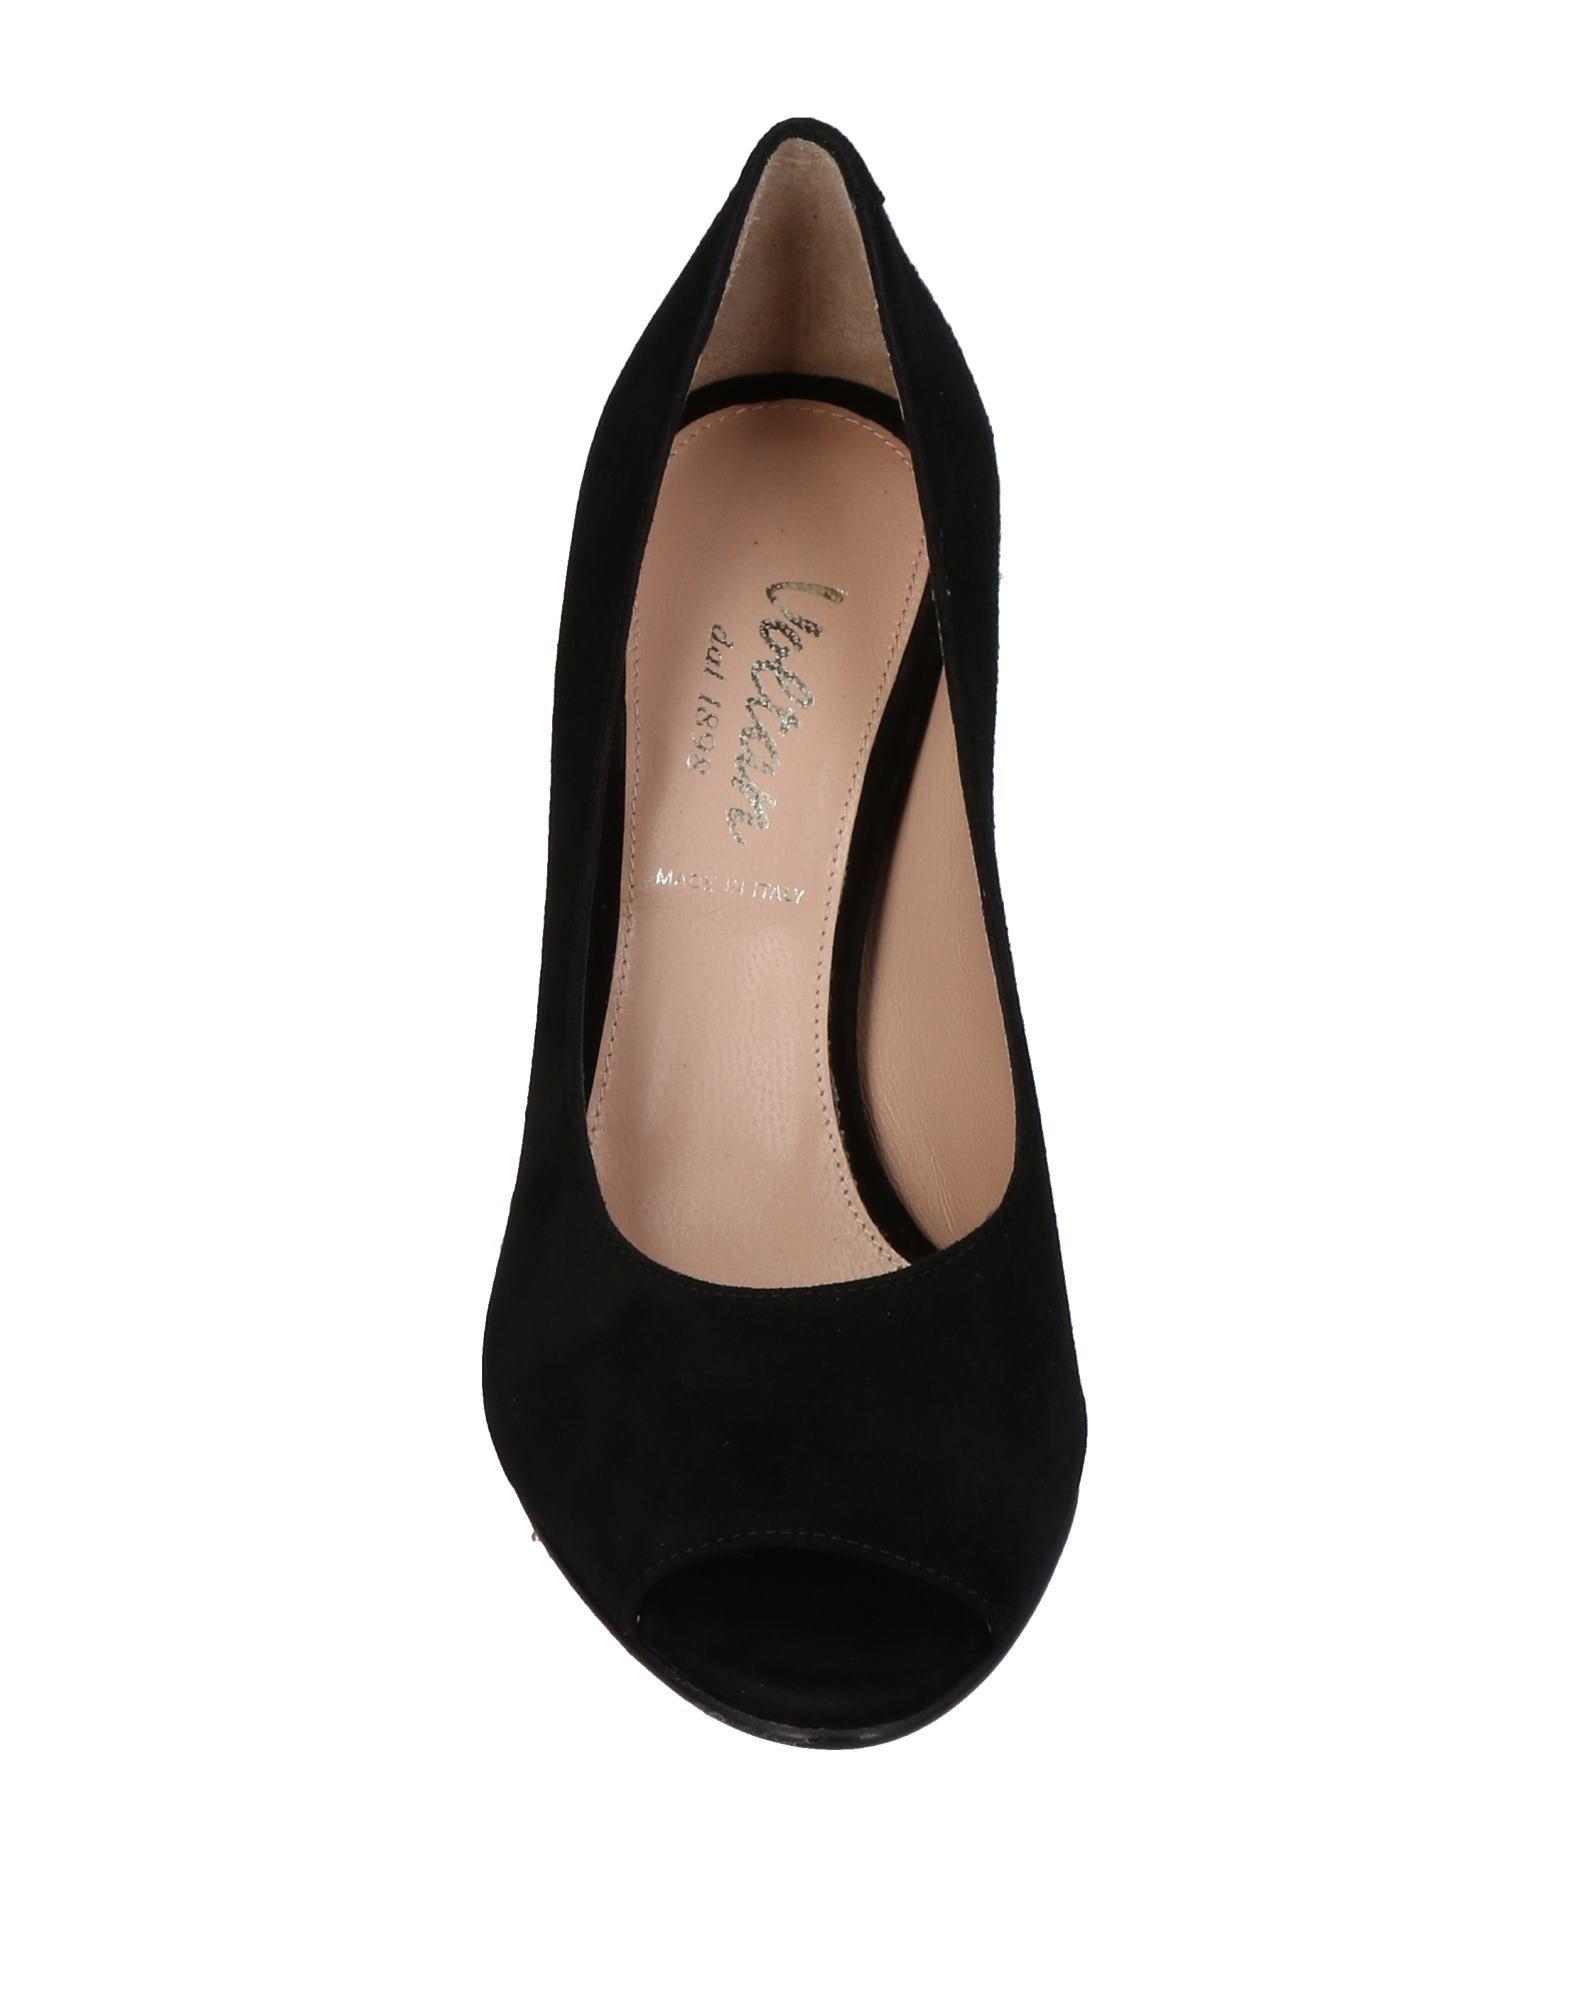 Voltan Pumps Damen  11441274XX Schuhe Gute Qualität beliebte Schuhe 11441274XX 85cea8